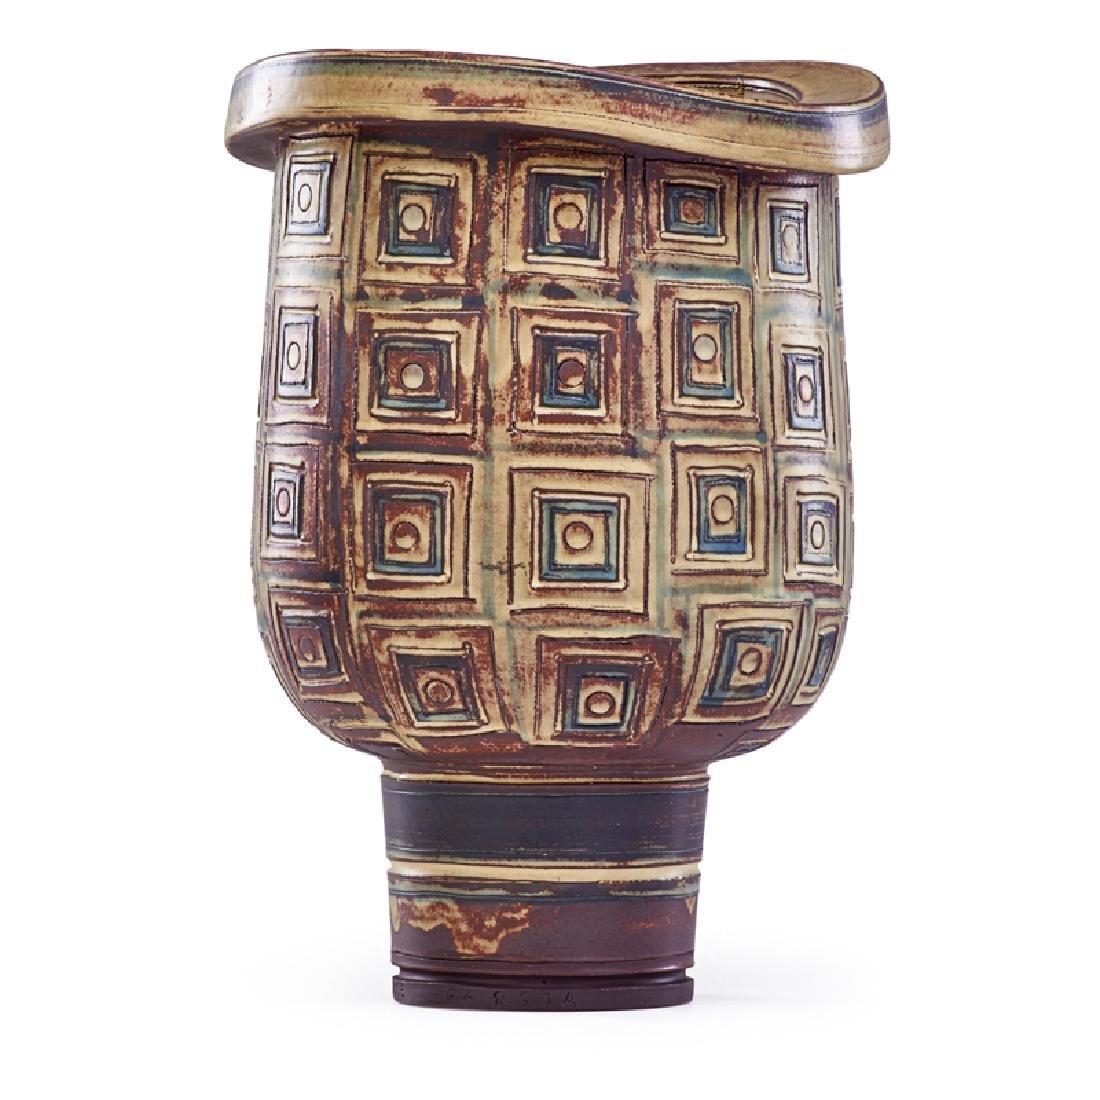 WILHELM KAGE Large Farsta vase